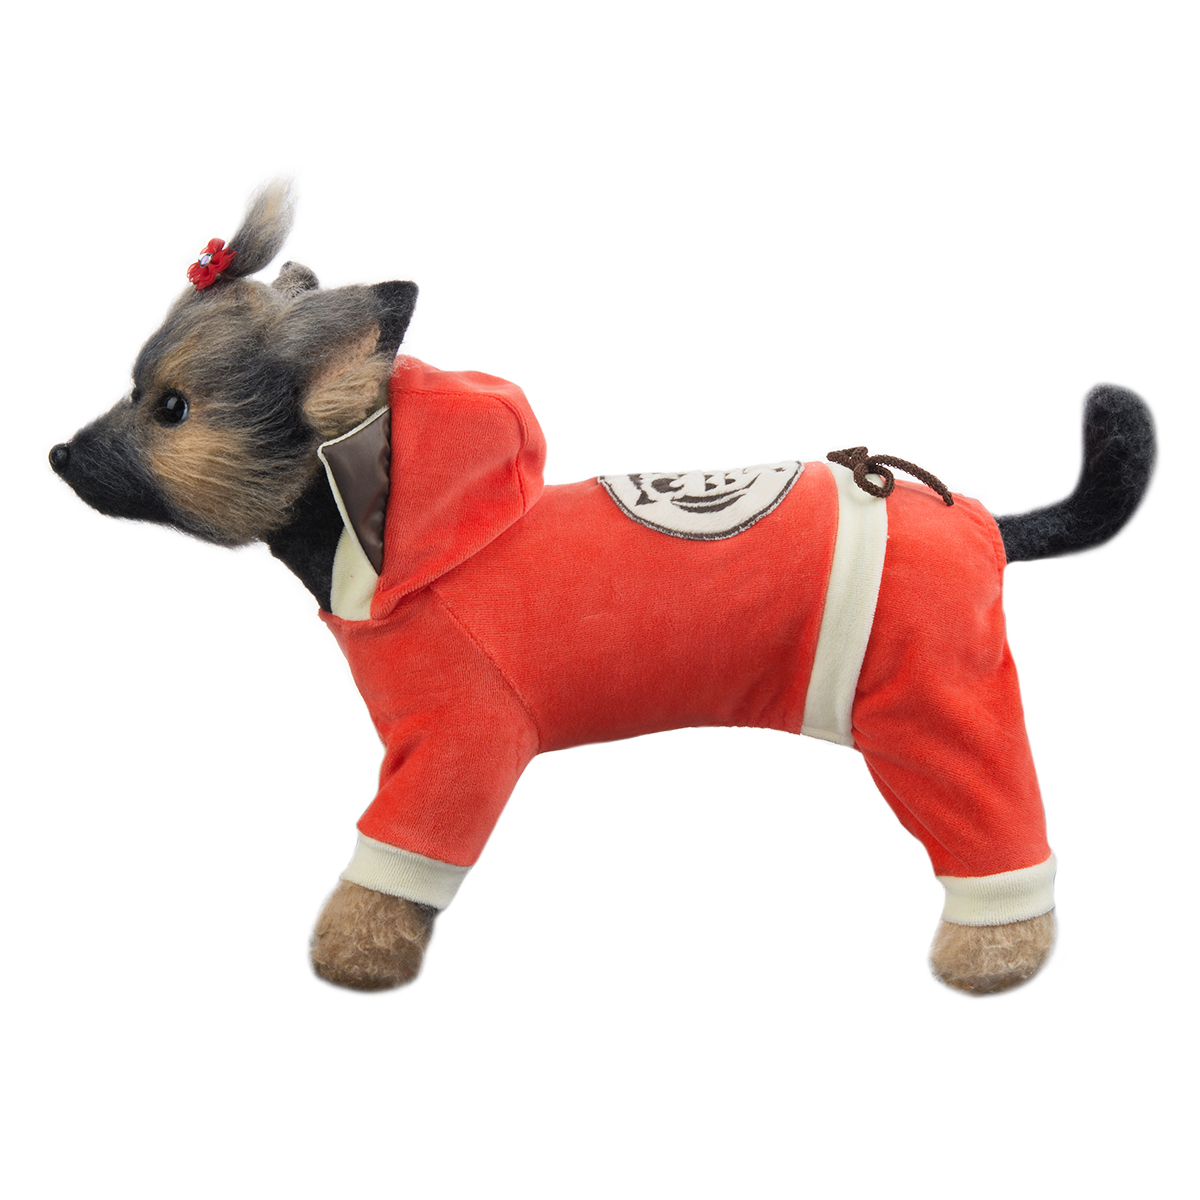 Комбинезон для собак Dogmoda Сова, унисекс, цвет: оранжевый, бежевый. Размер 2 (M)